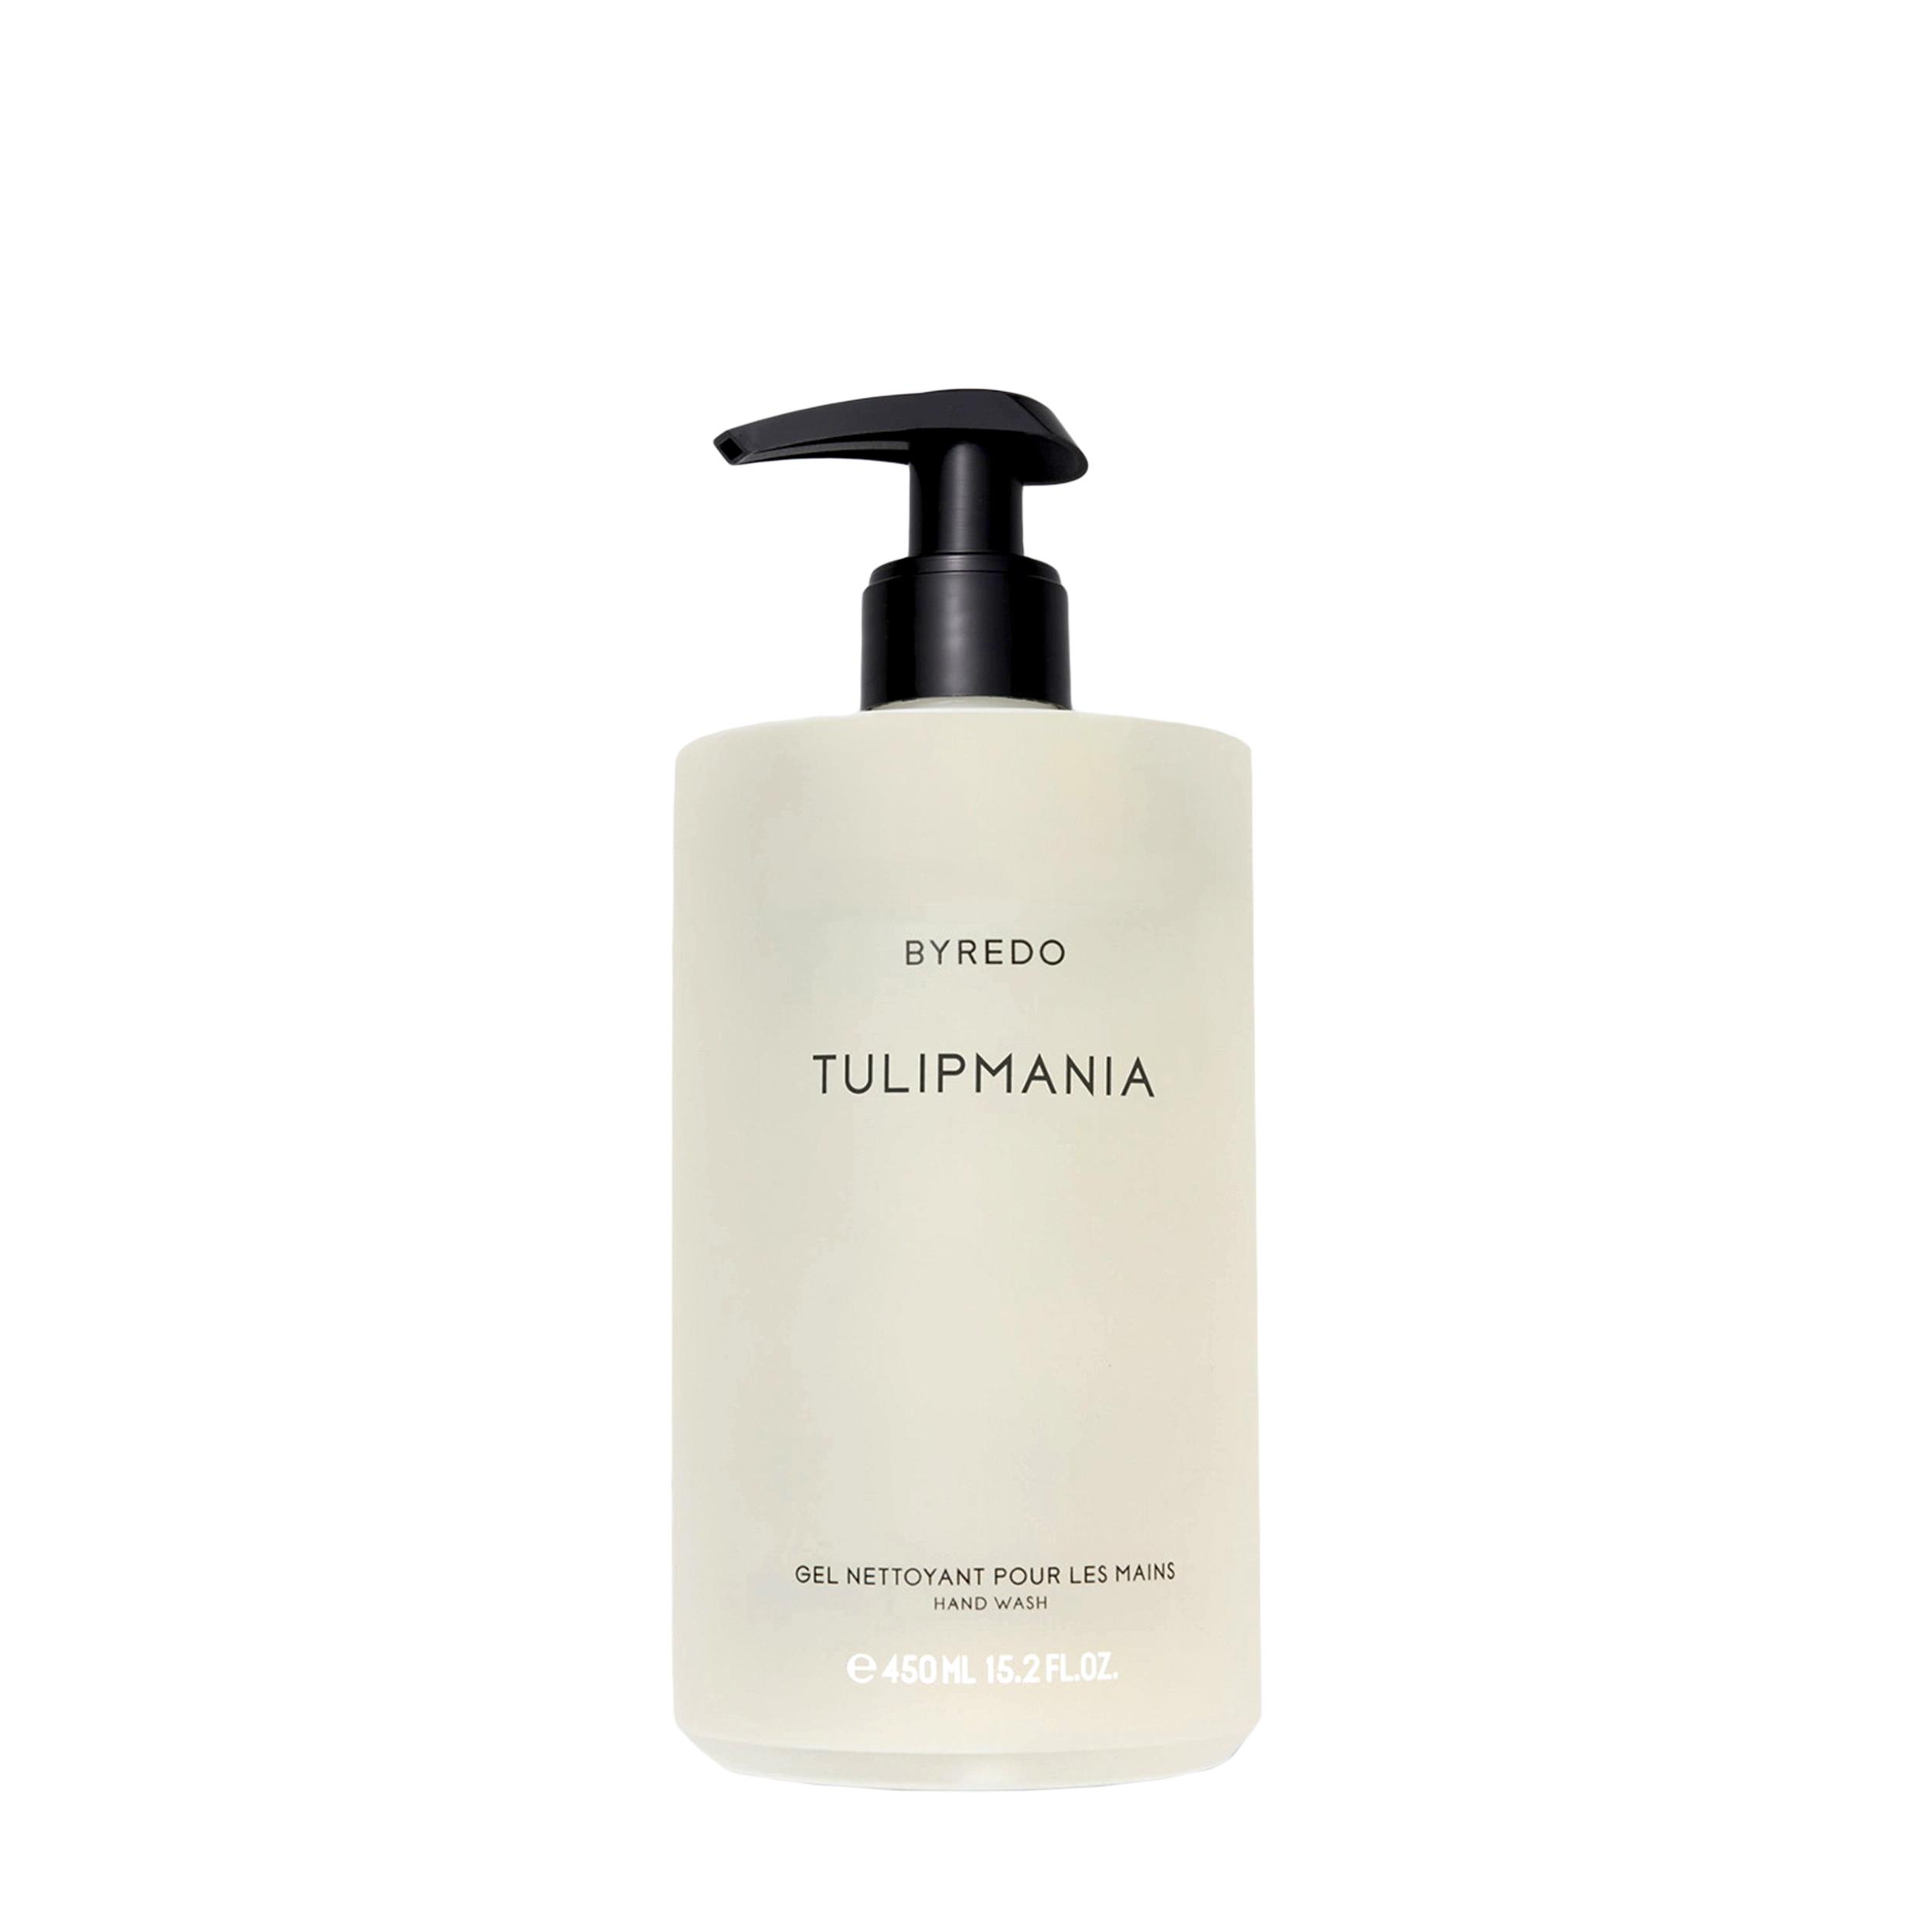 BYREDO Жидкое мыло для рук «TULIPMANIA» 450 мл фото